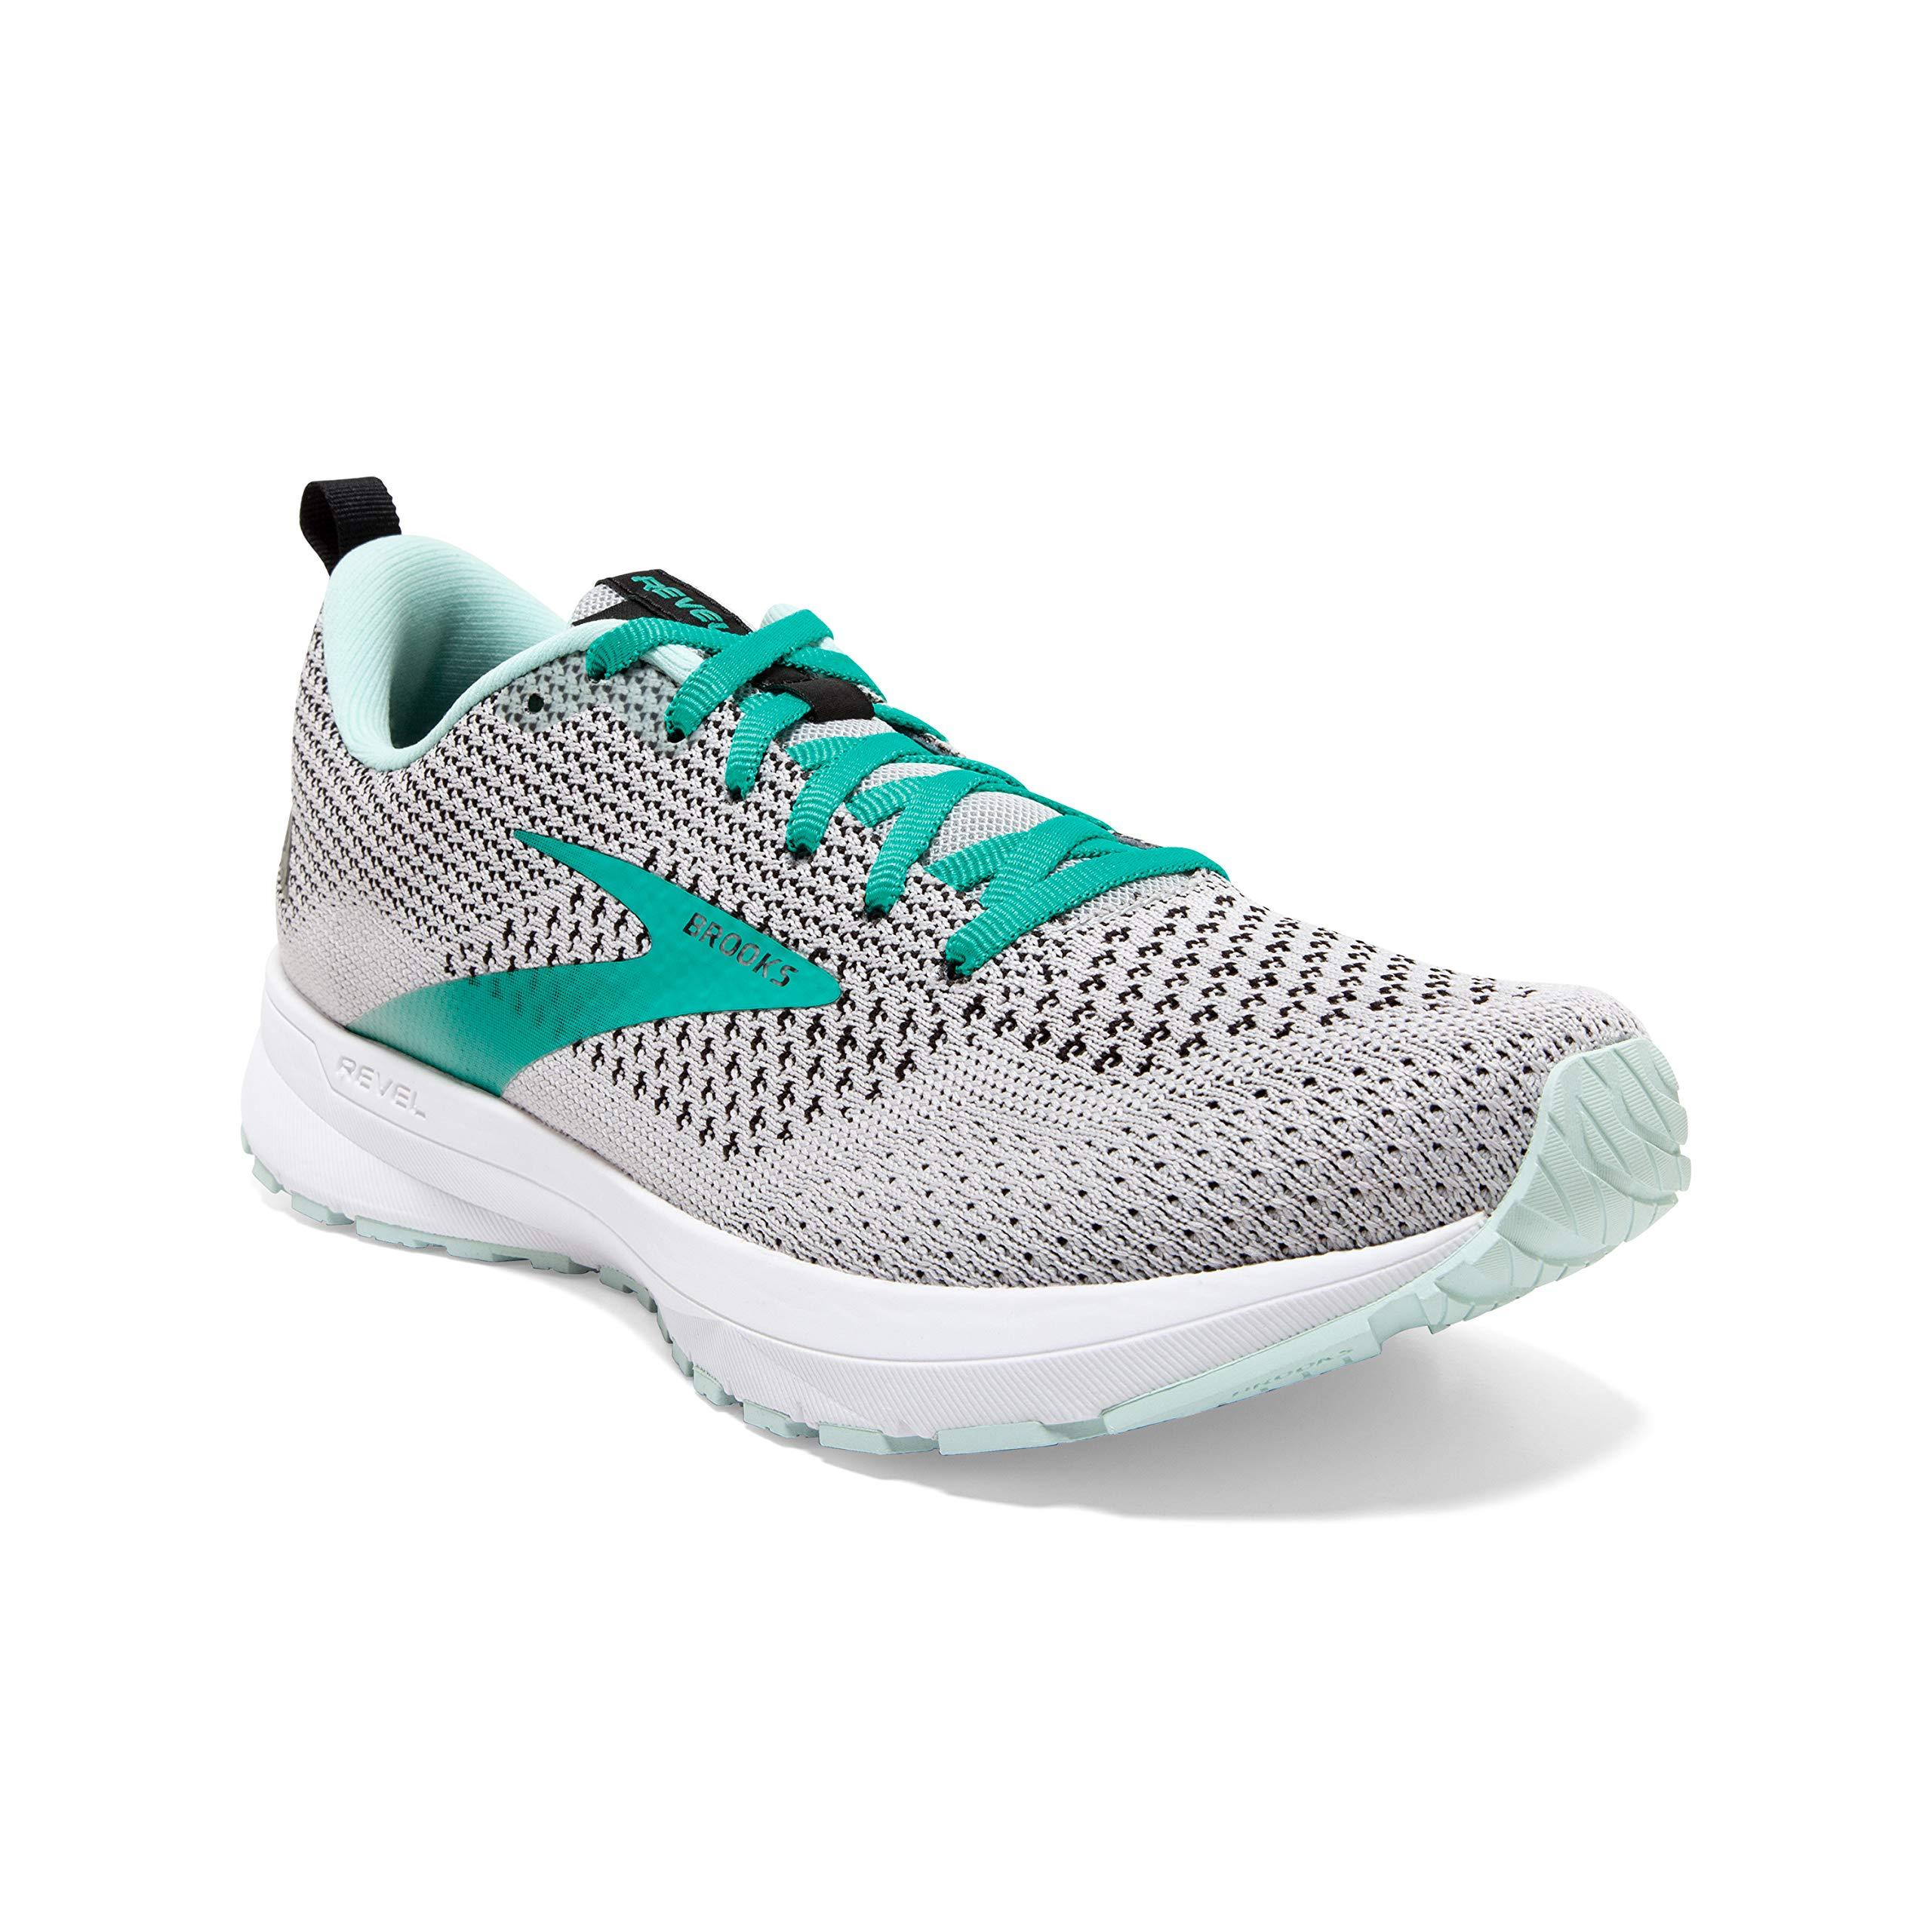 Brooks Womens Revel 4 Running Shoe